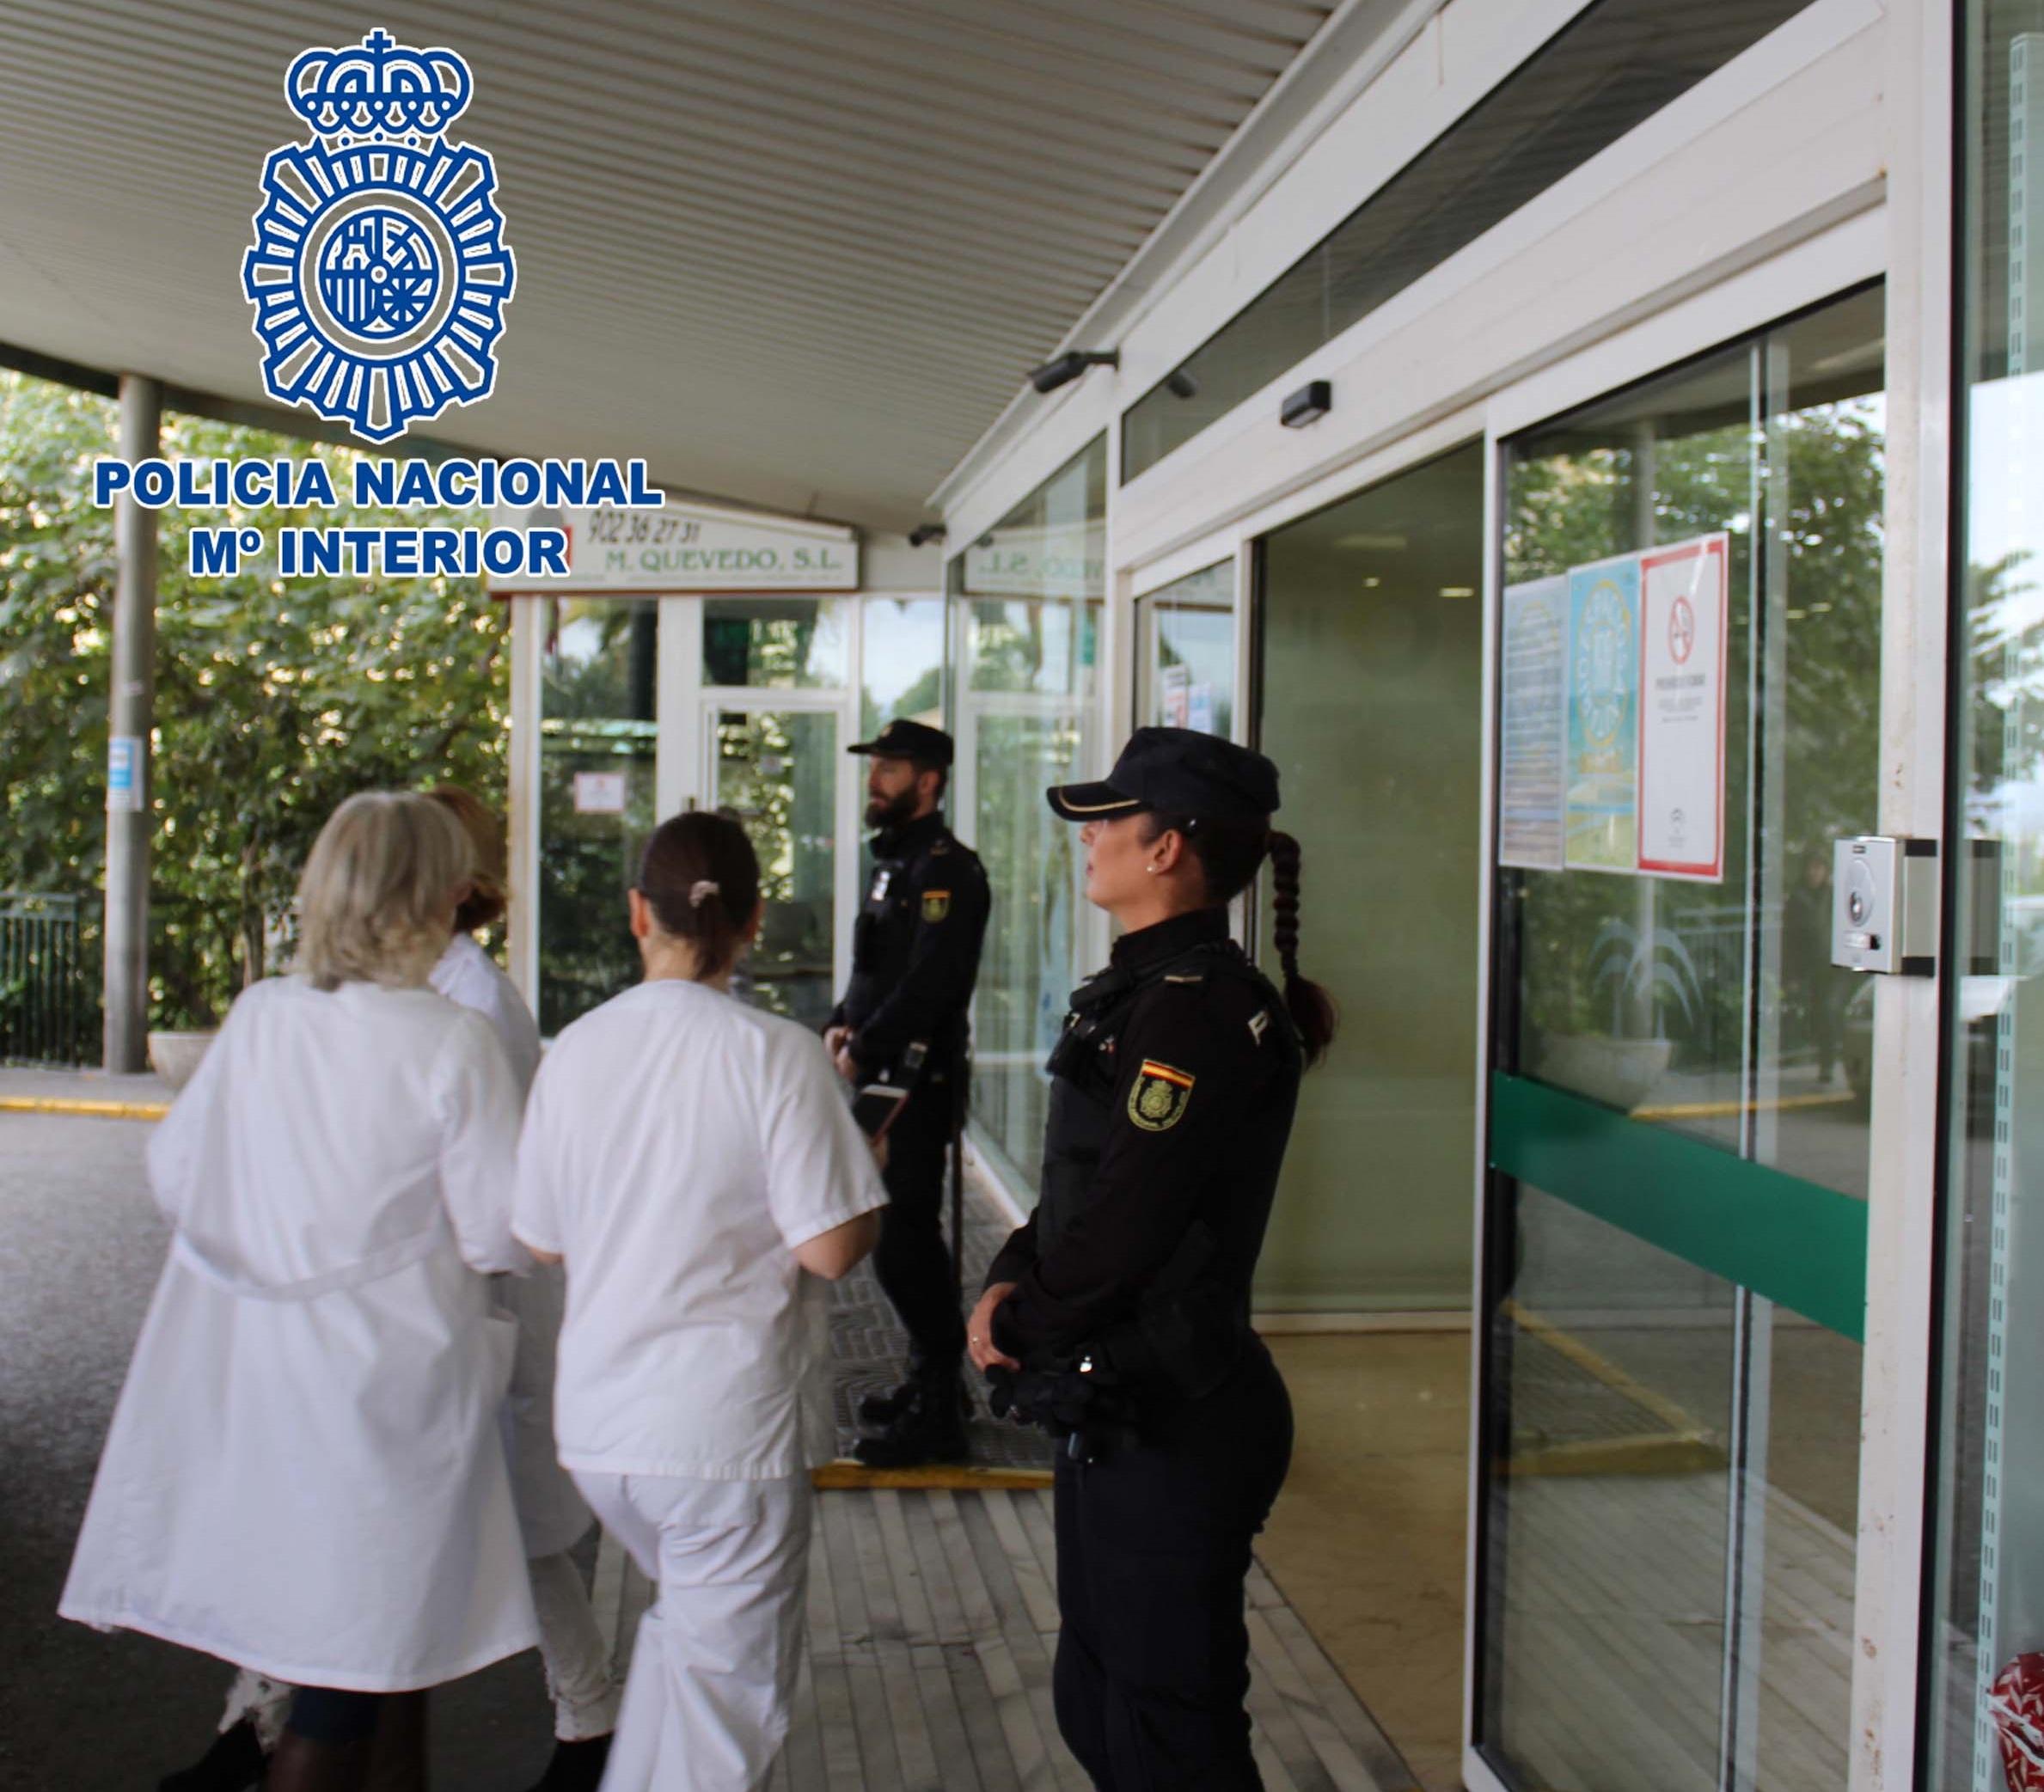 La policía entrega en el PTS máscaras protectoras elaboradas por voluntarios